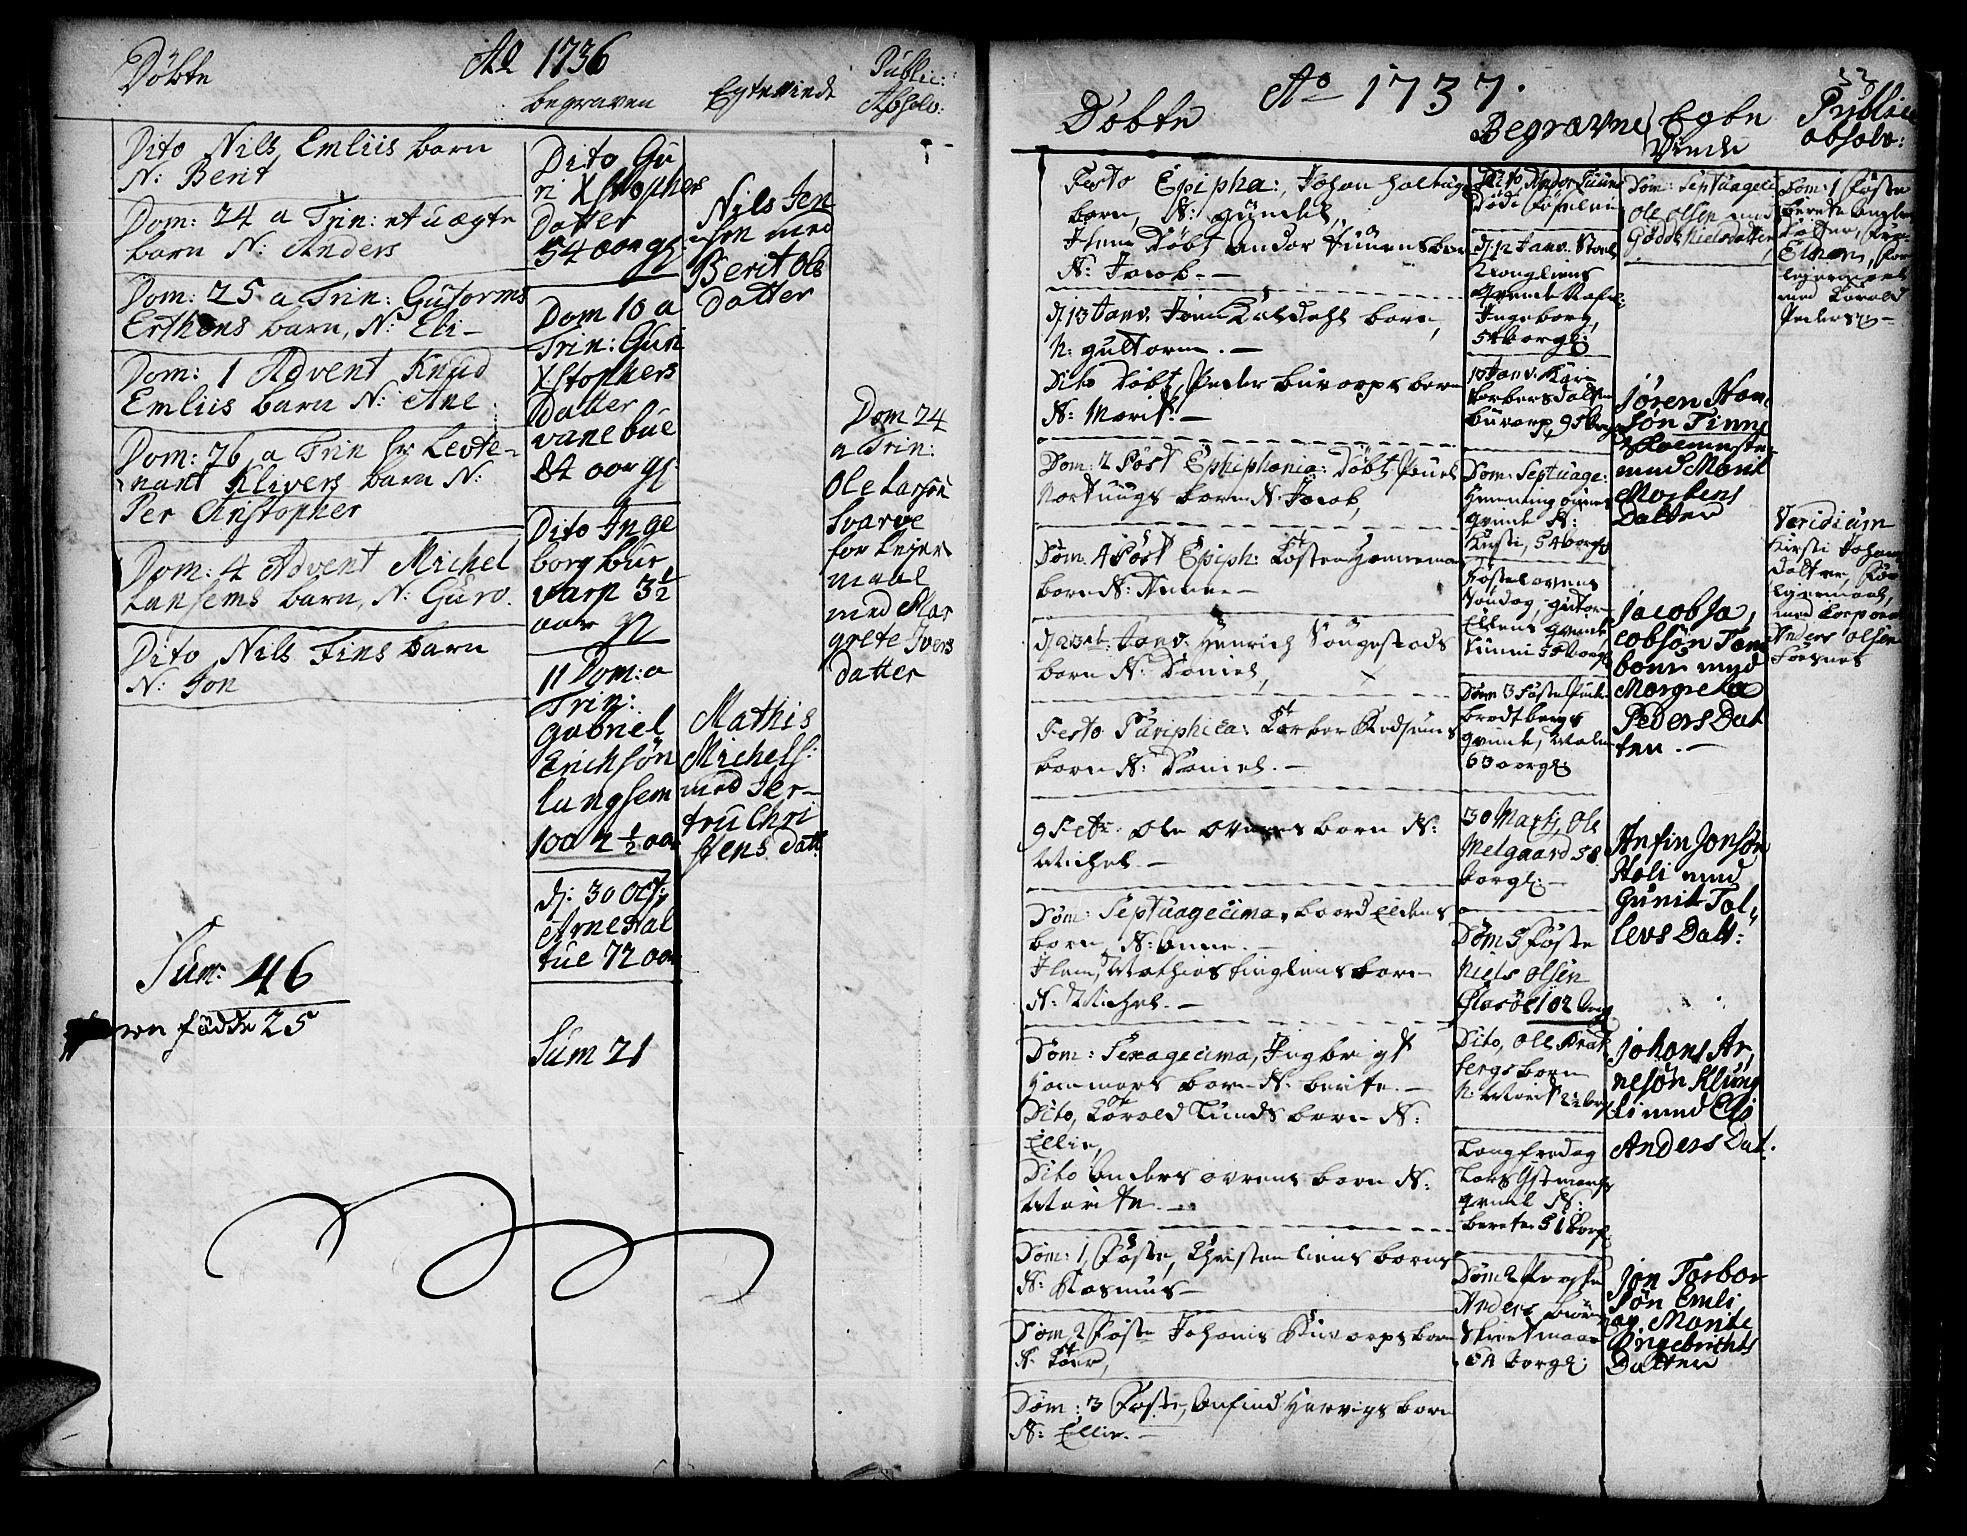 SAT, Ministerialprotokoller, klokkerbøker og fødselsregistre - Nord-Trøndelag, 741/L0385: Ministerialbok nr. 741A01, 1722-1815, s. 32b